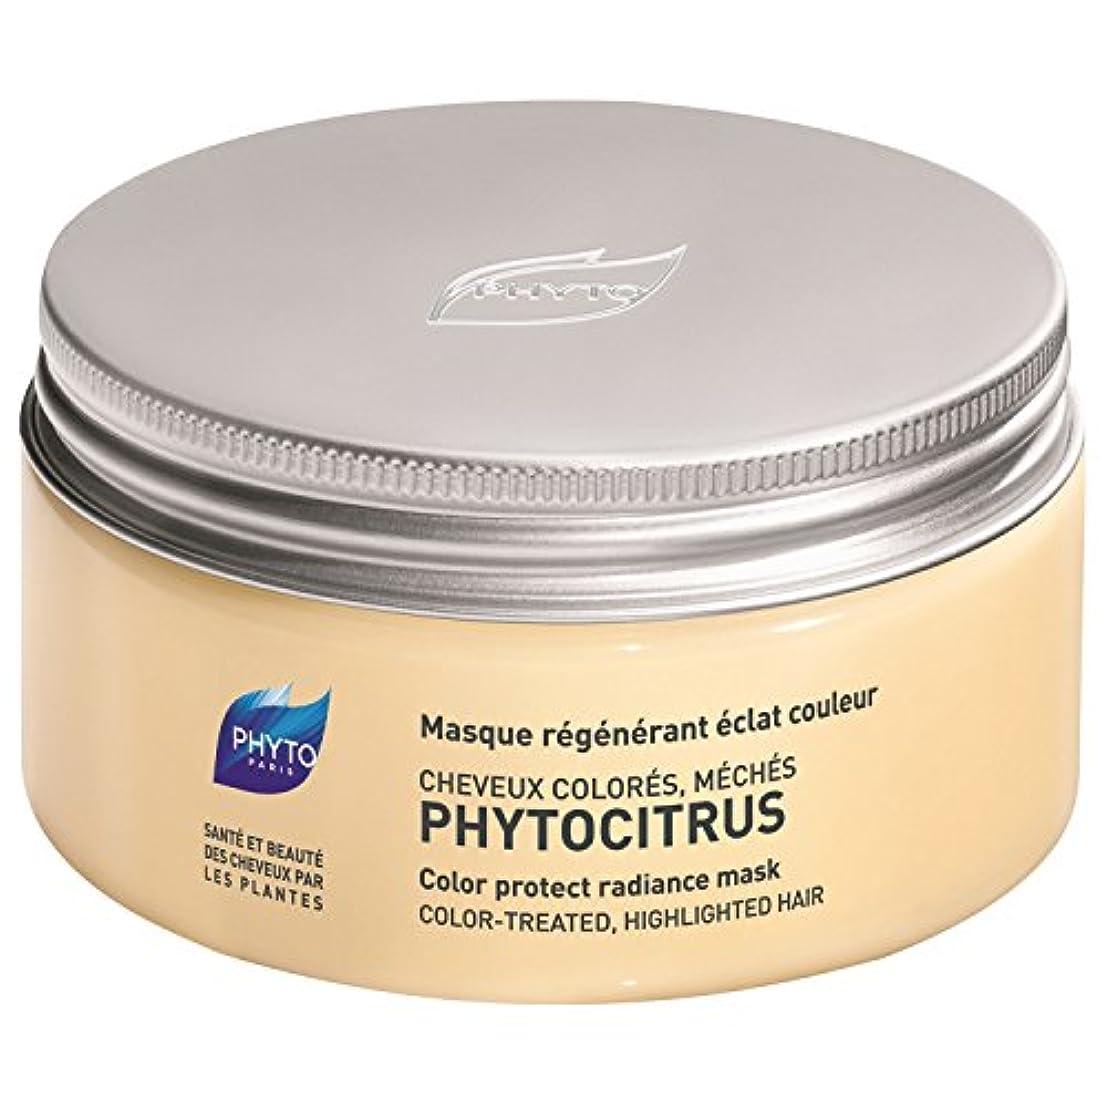 計り知れない引くチーフフィトPhytocitrus色保護放射輝度マスク200ミリリットル (Phyto) - Phyto Phytocitrus Colour Protect Radiance Mask 200ml [並行輸入品]